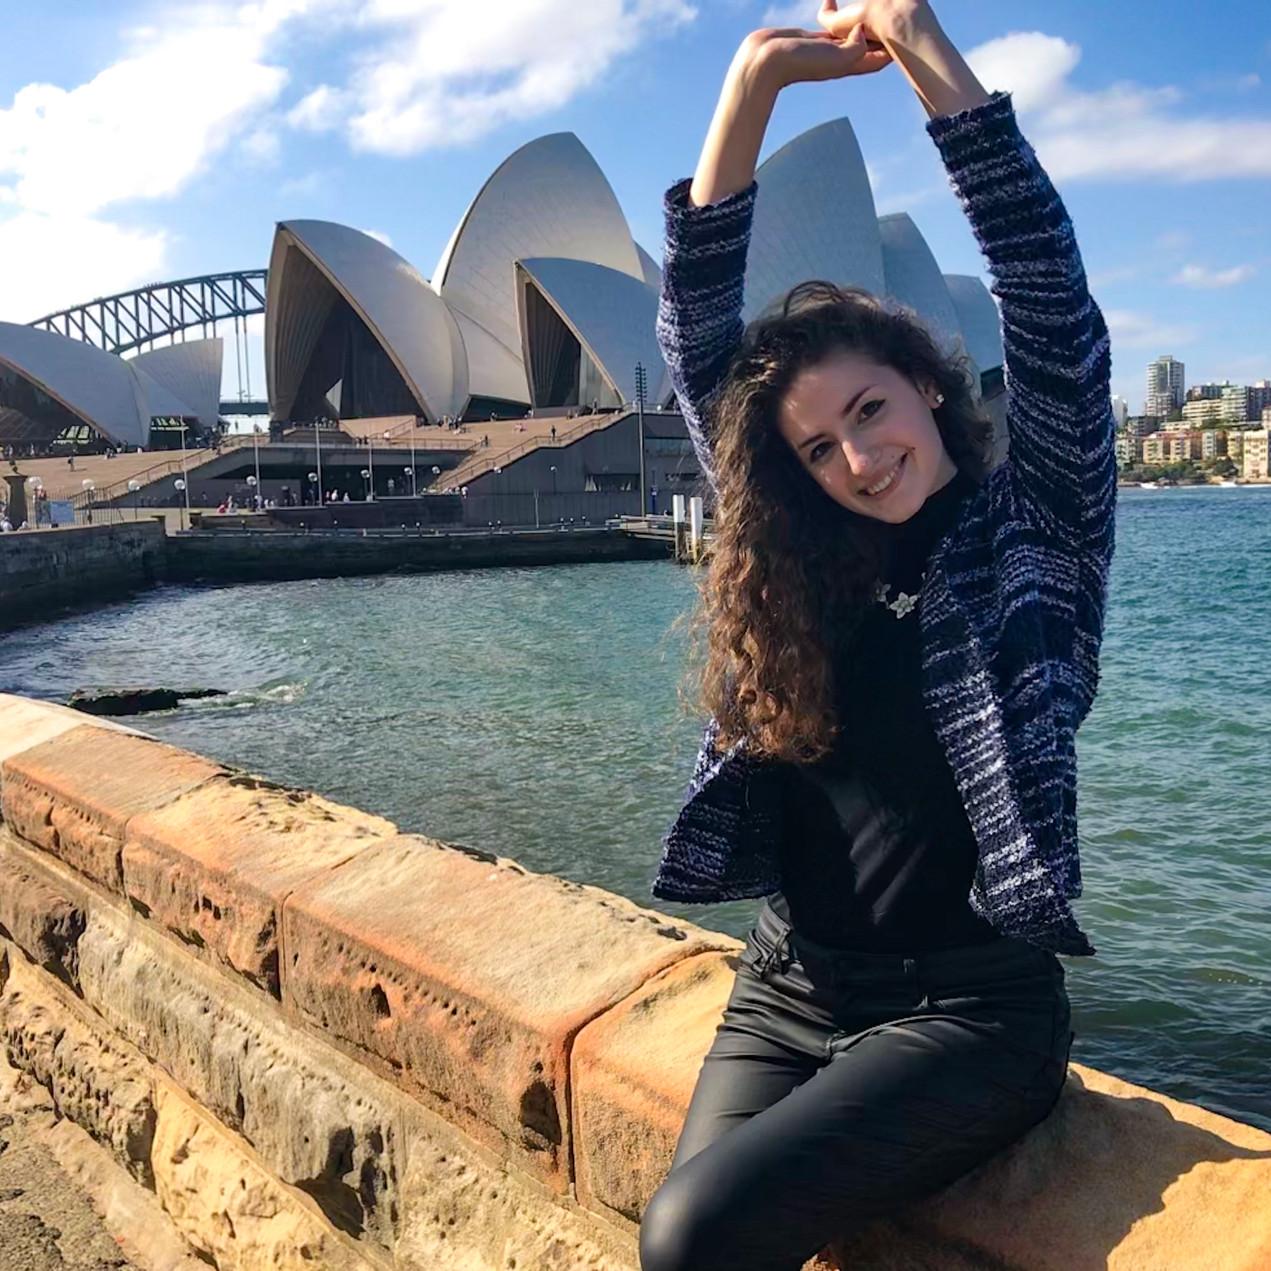 Walking by Sydney Opera House